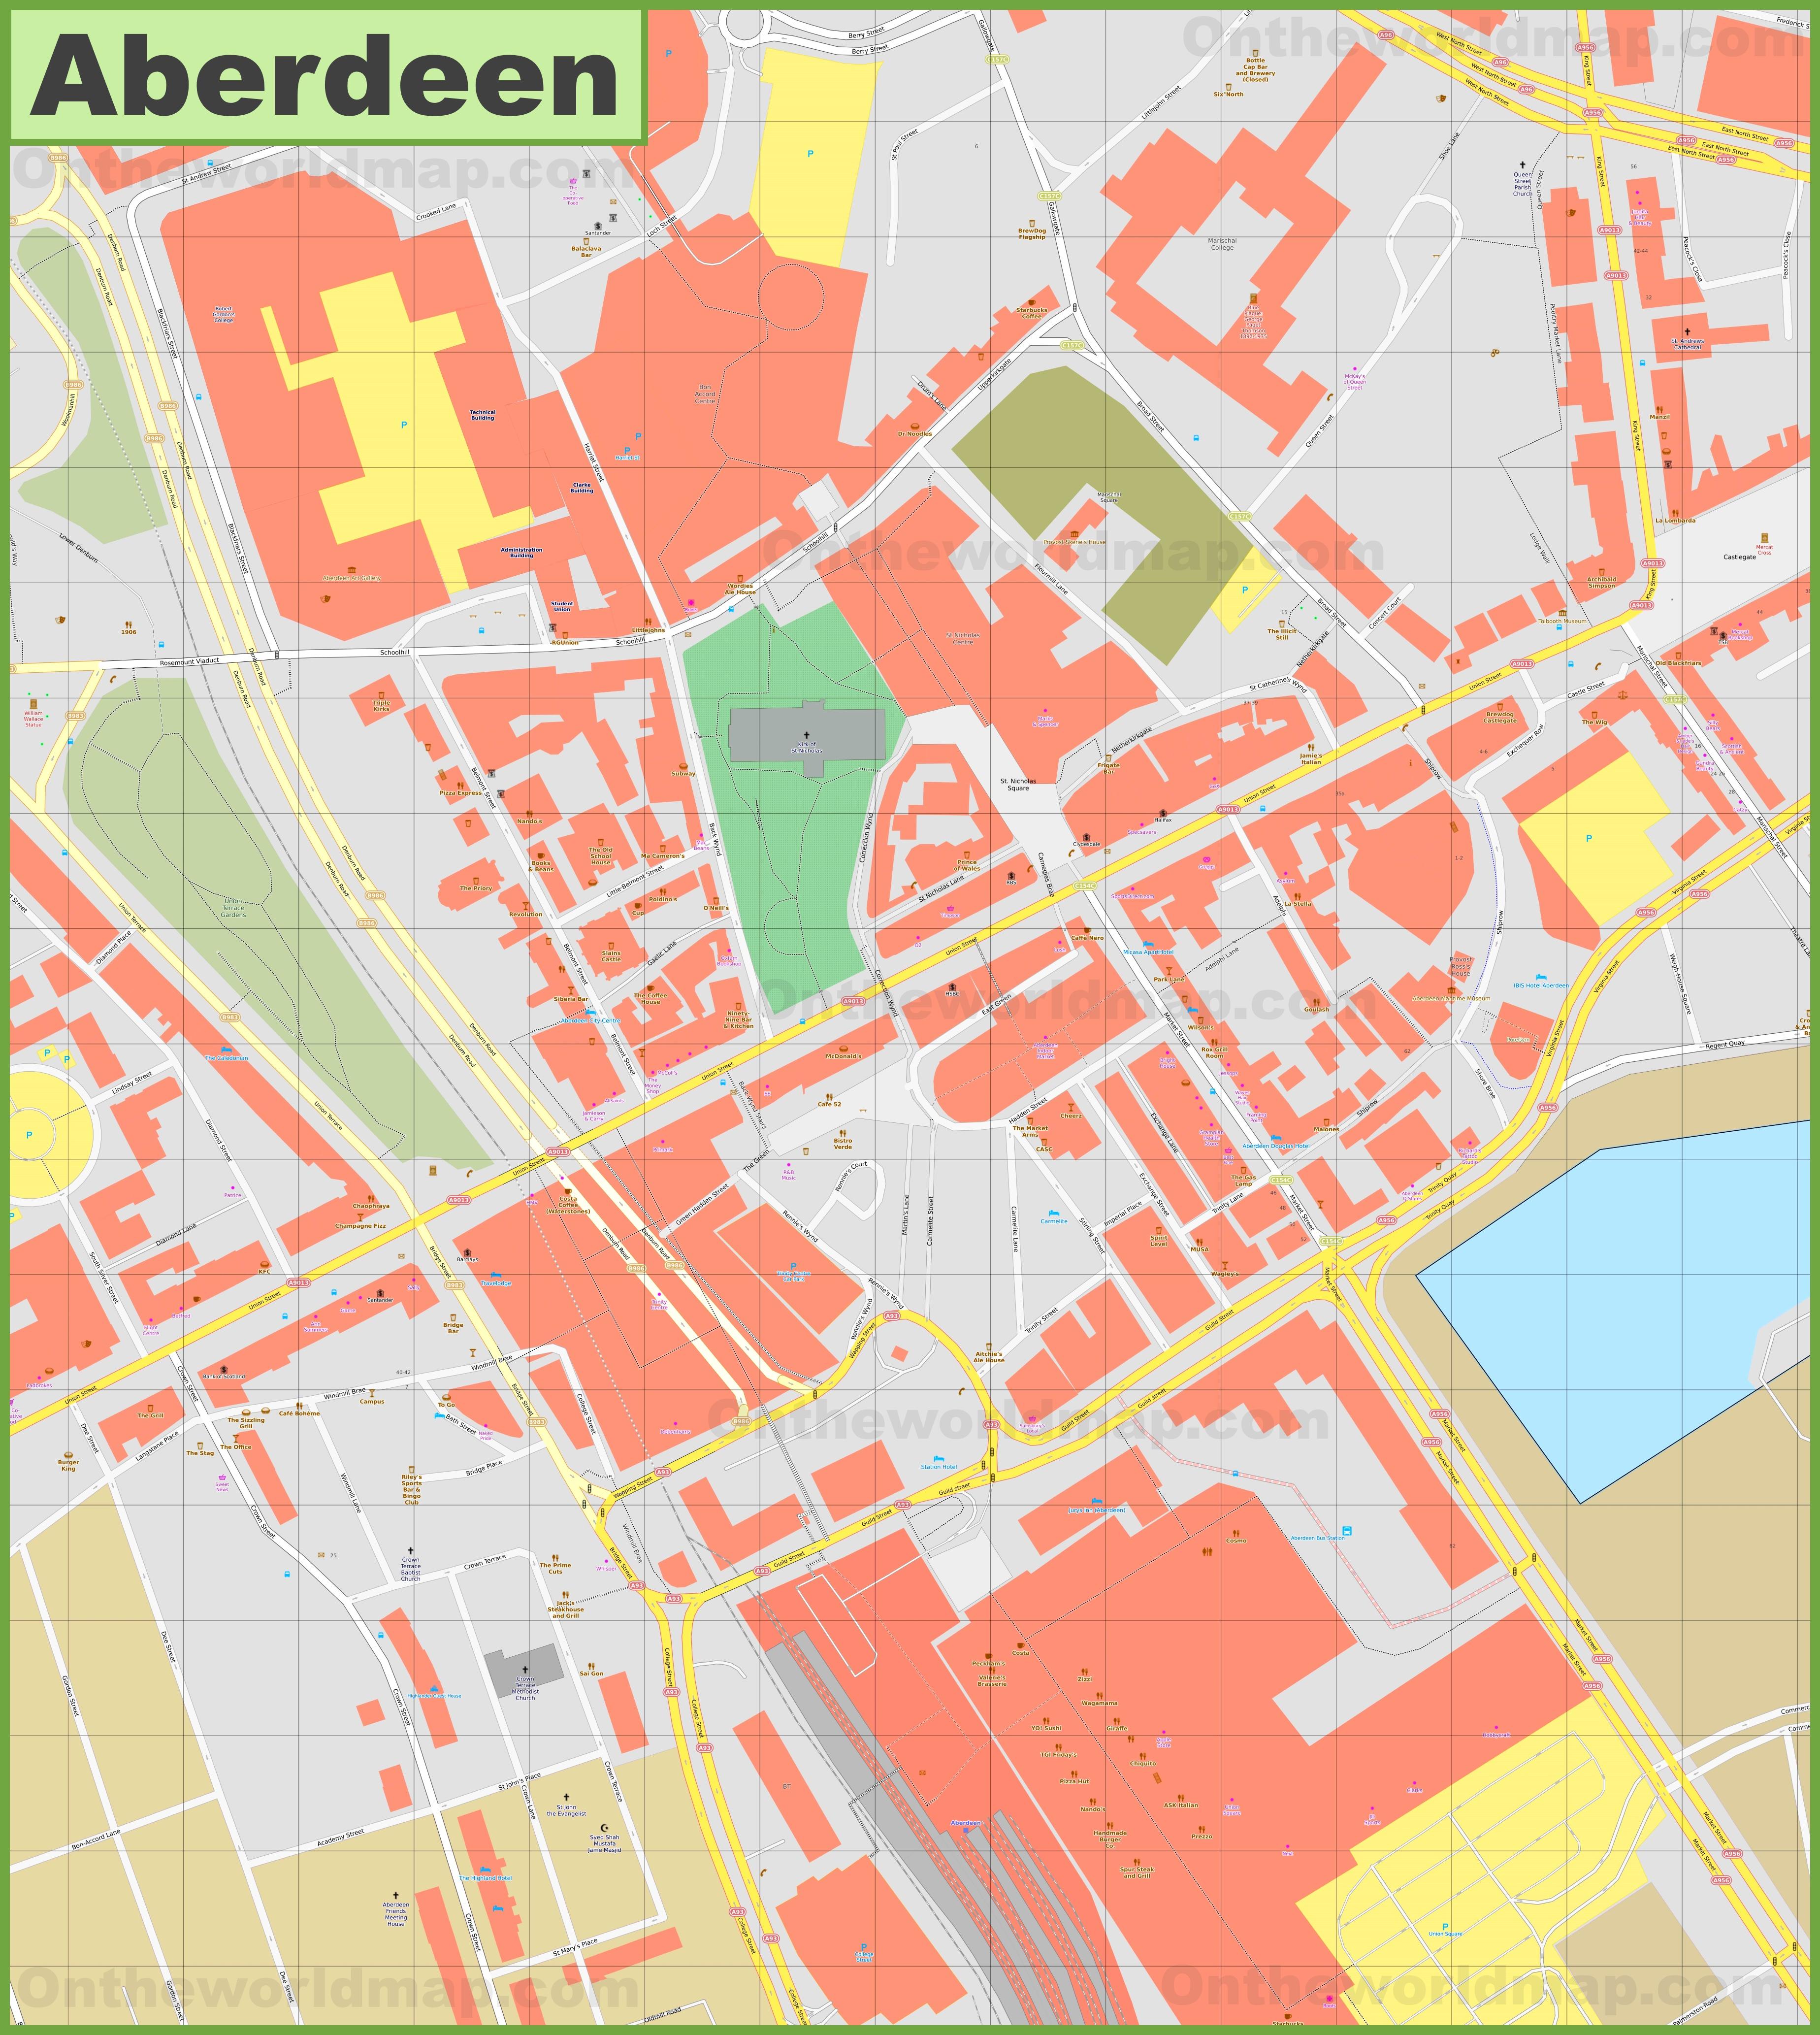 Aberdeen city center map